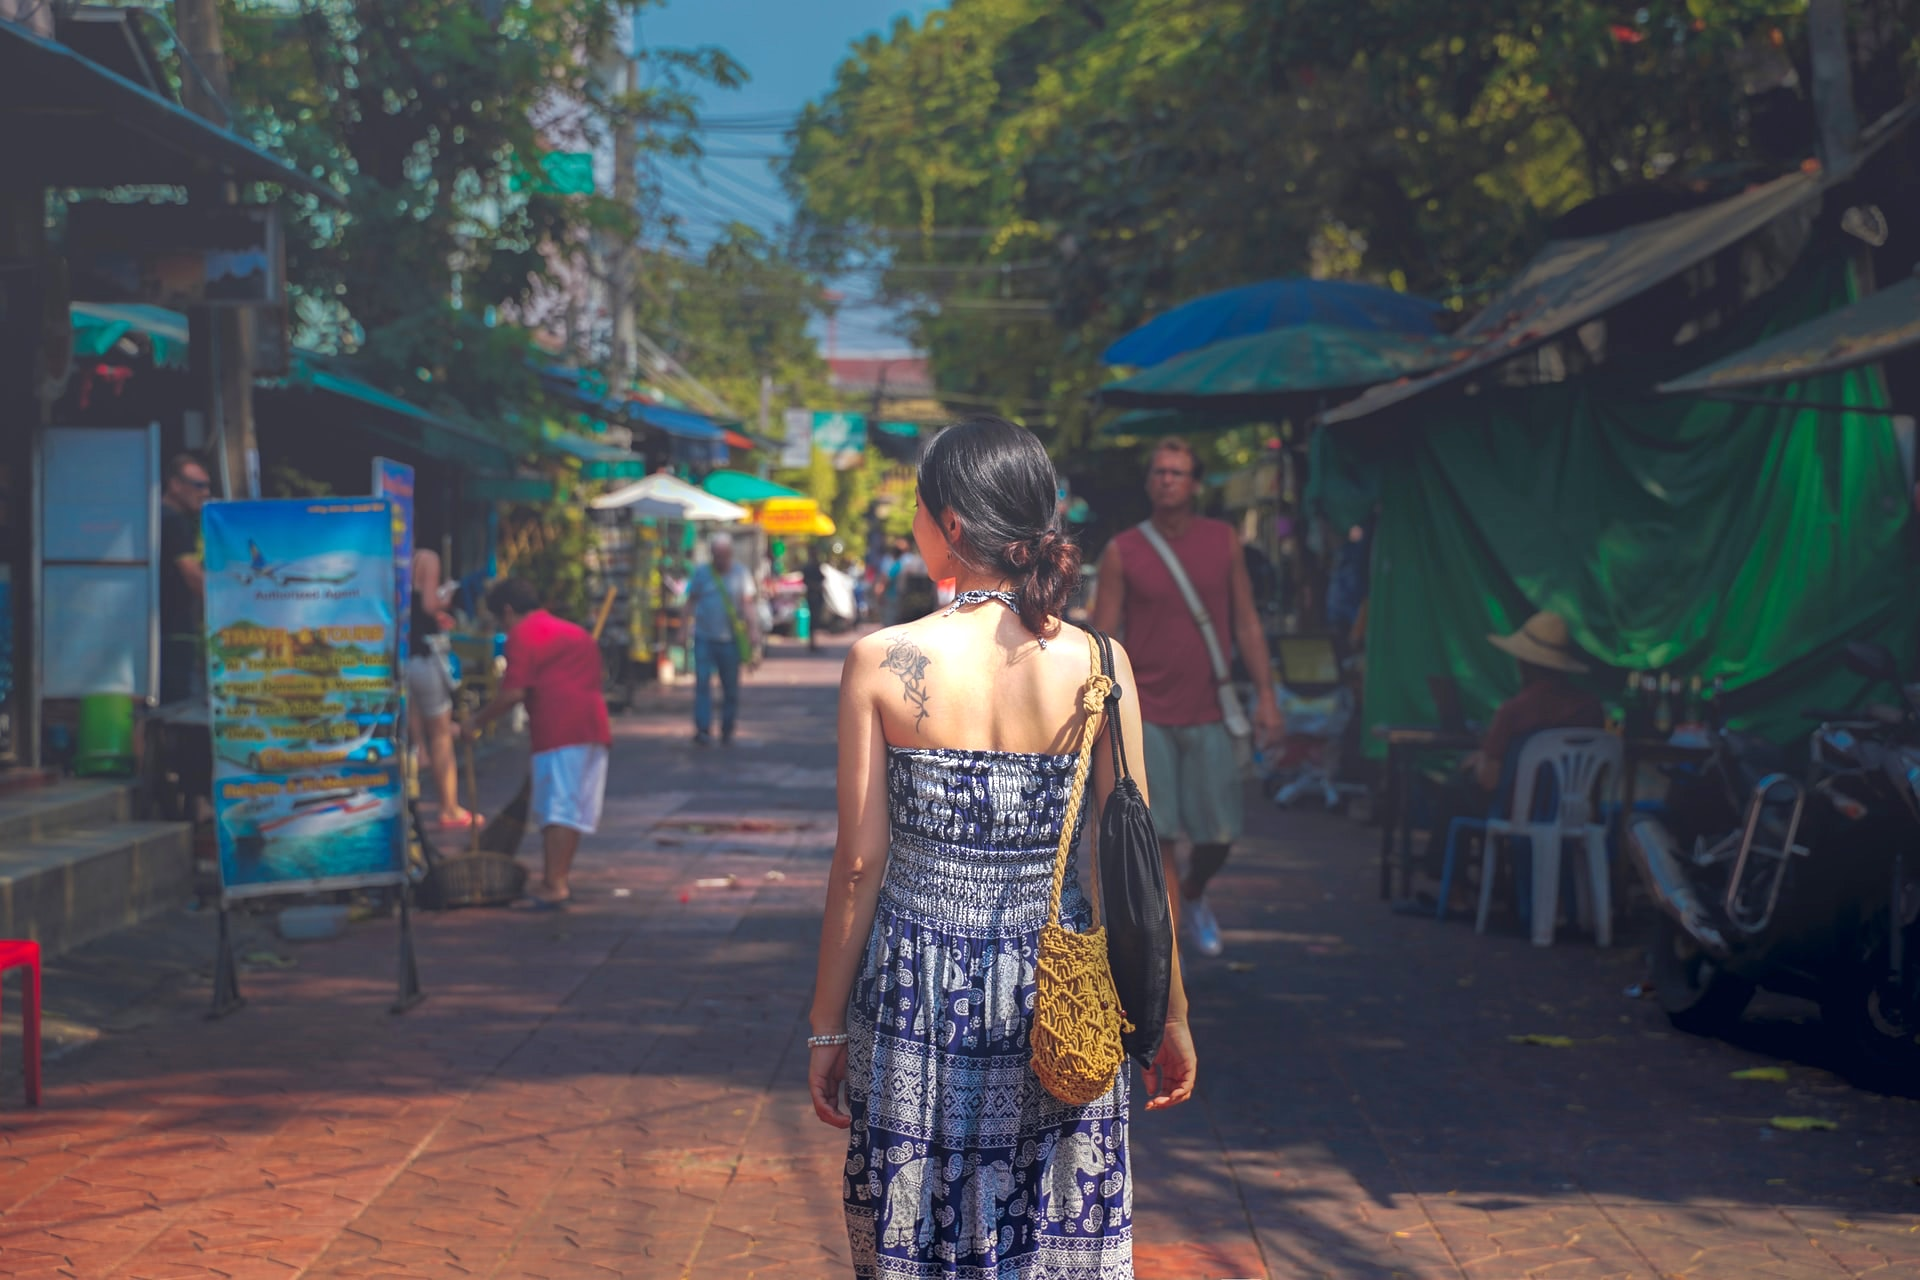 「初心者でも安心な海外旅行先!超おすすめのアジアの国4選!」のアイキャッチ画像